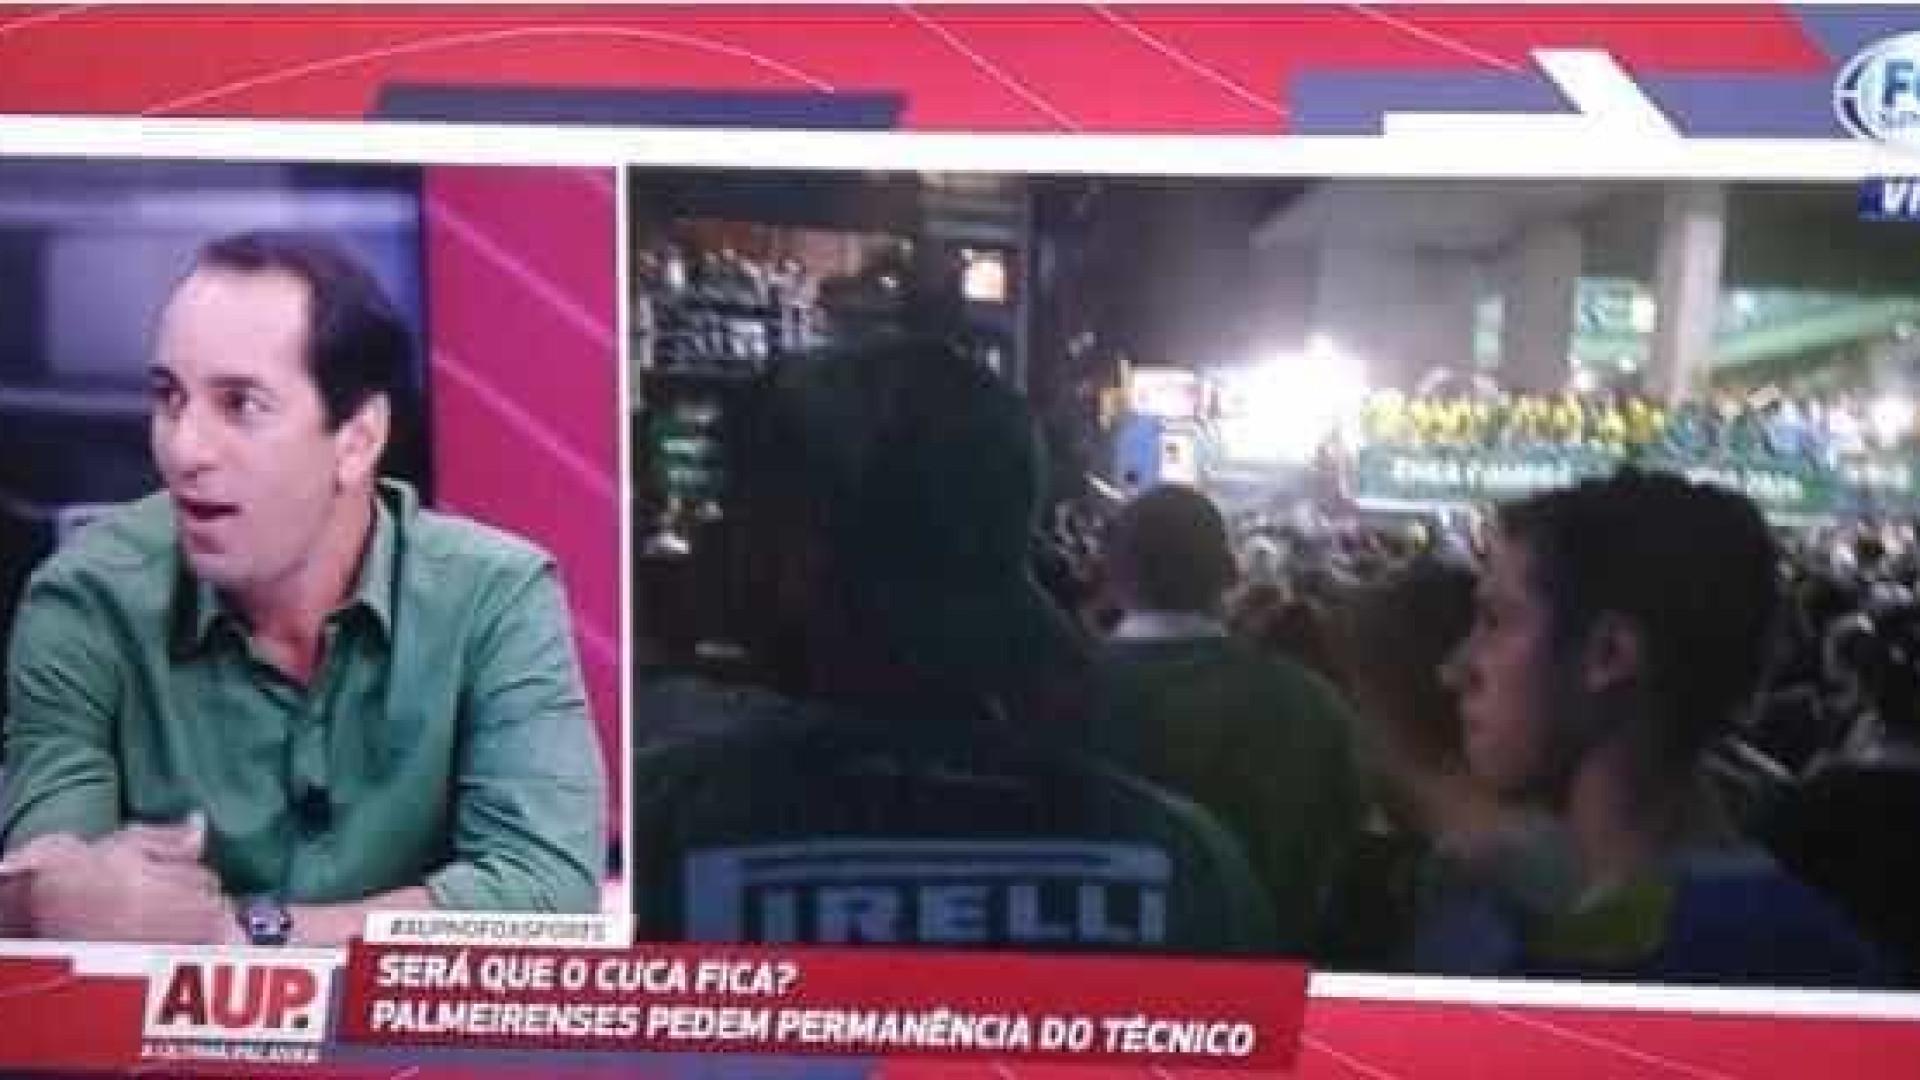 'Meu coração está rouco', diz Edmundo na Fox sobre título do Palmeiras